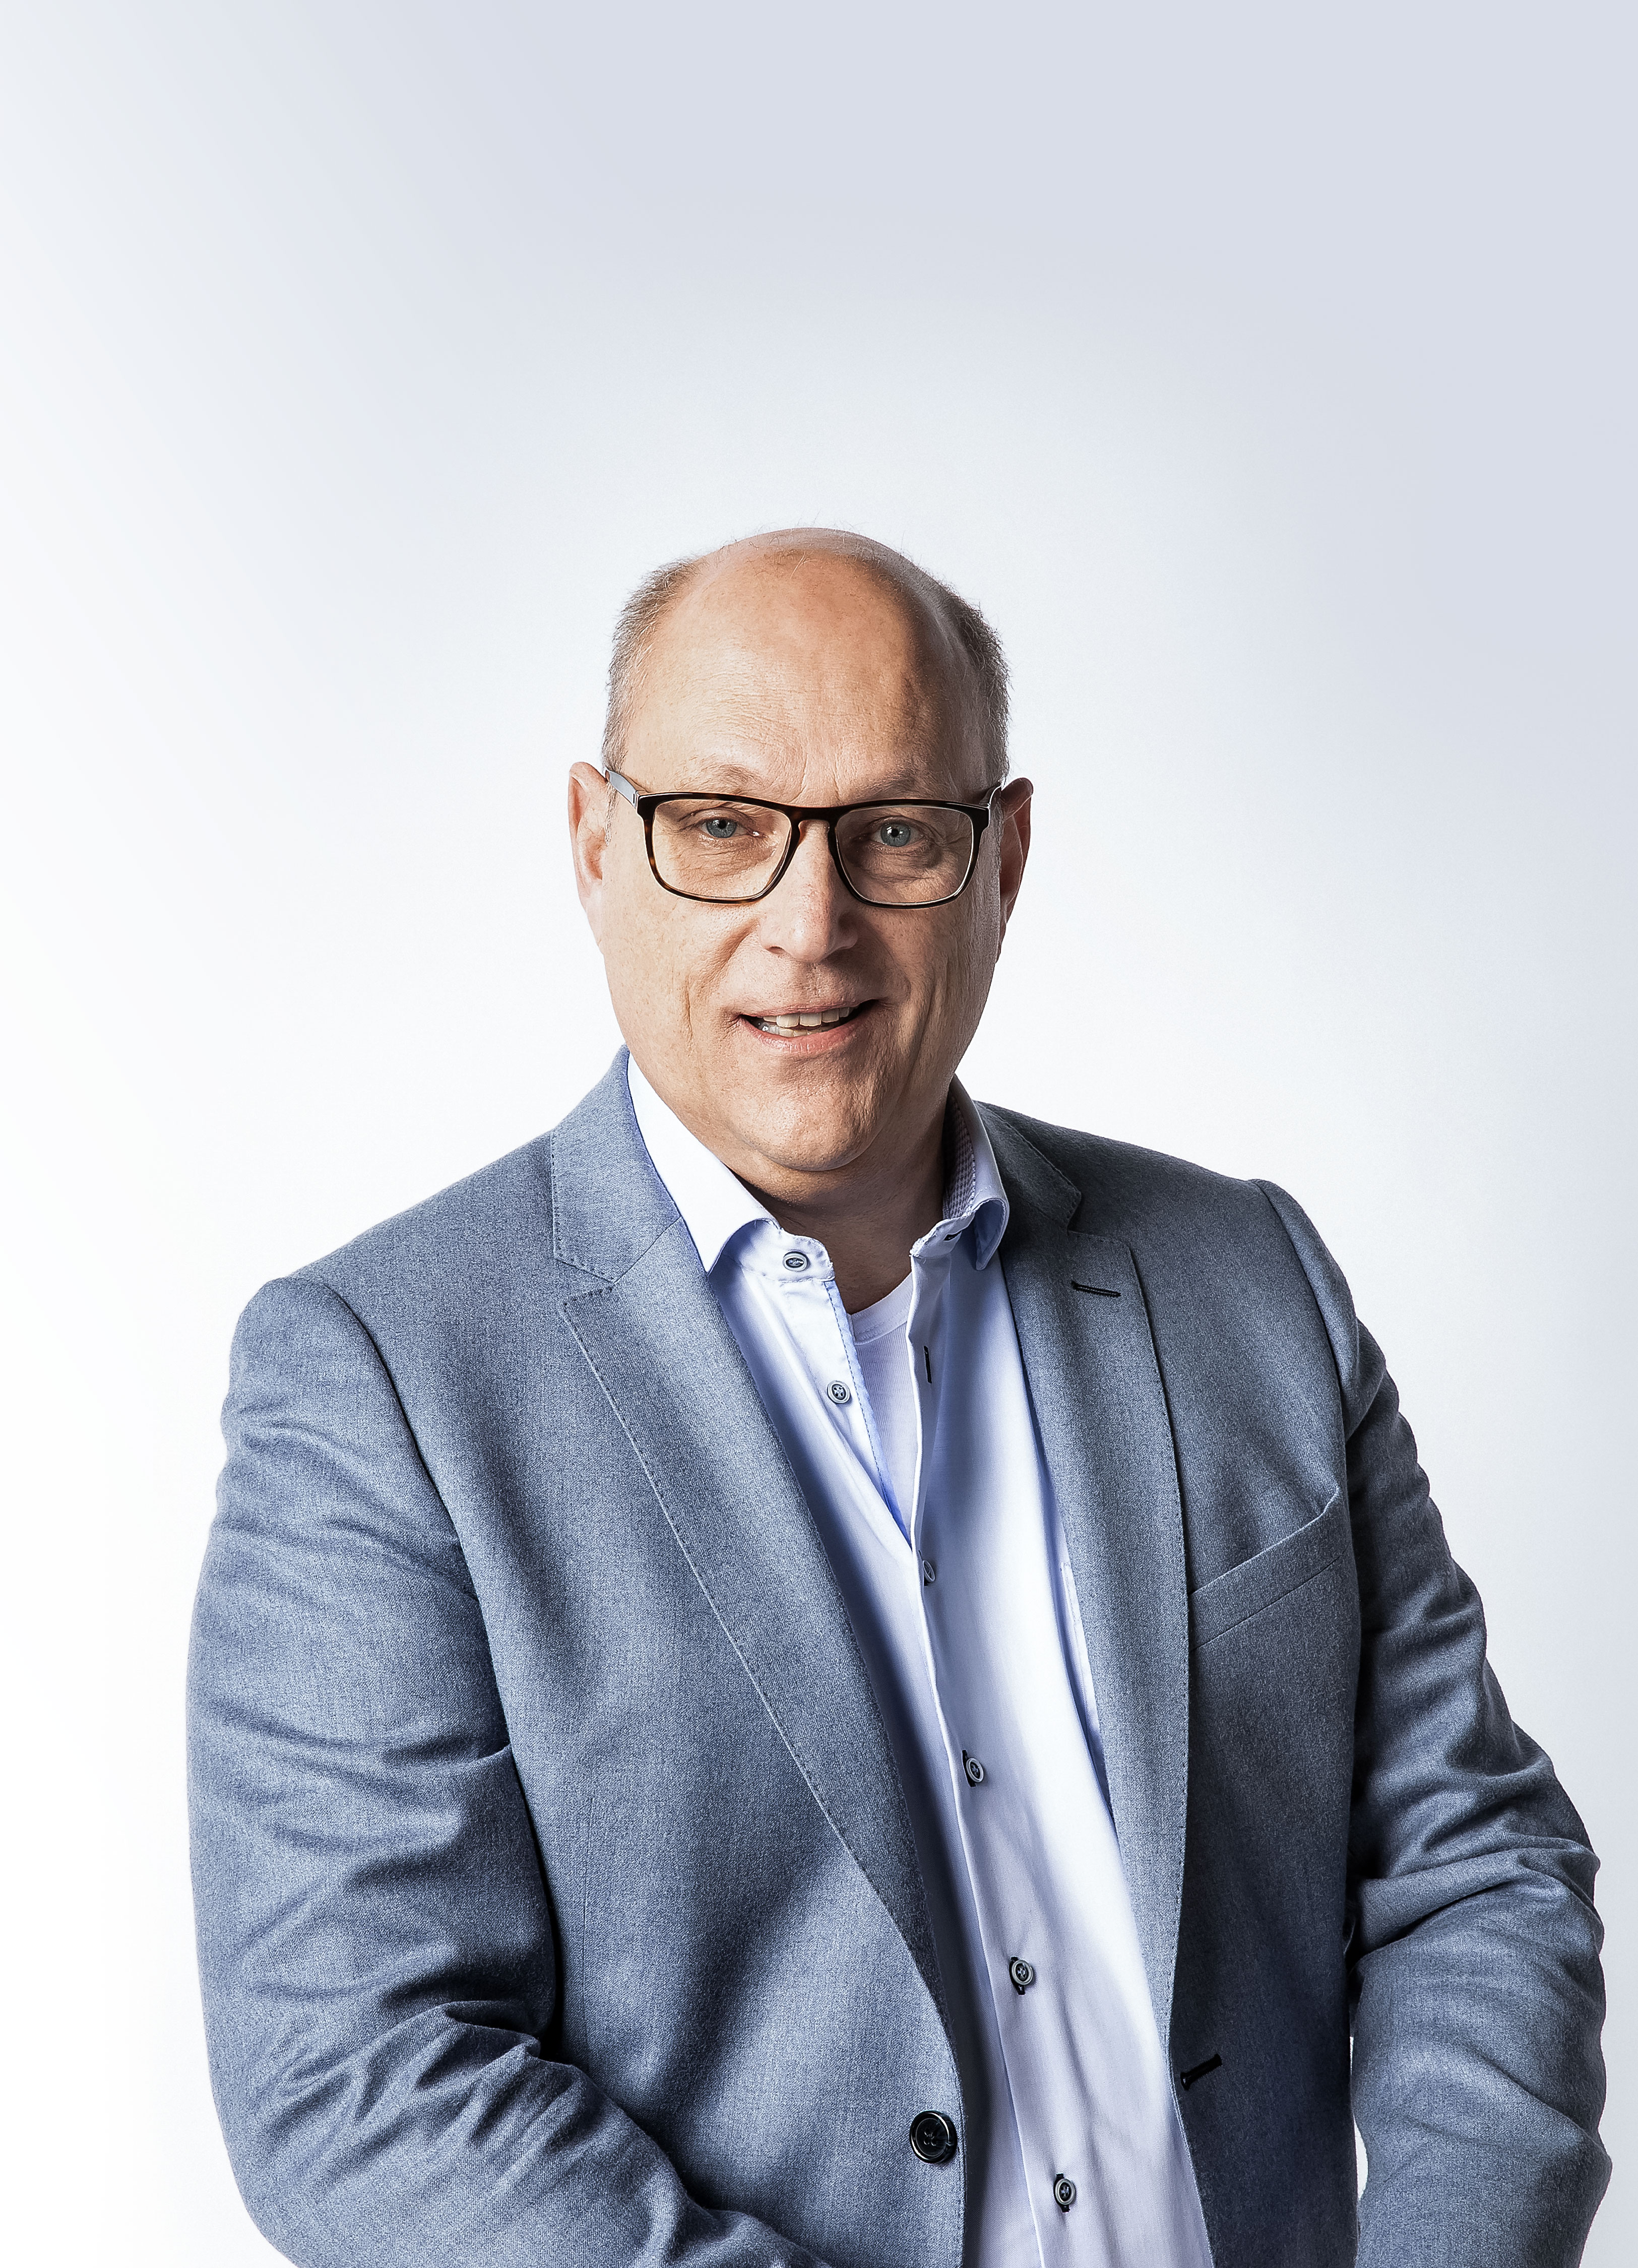 Kees Jan Veerbeek